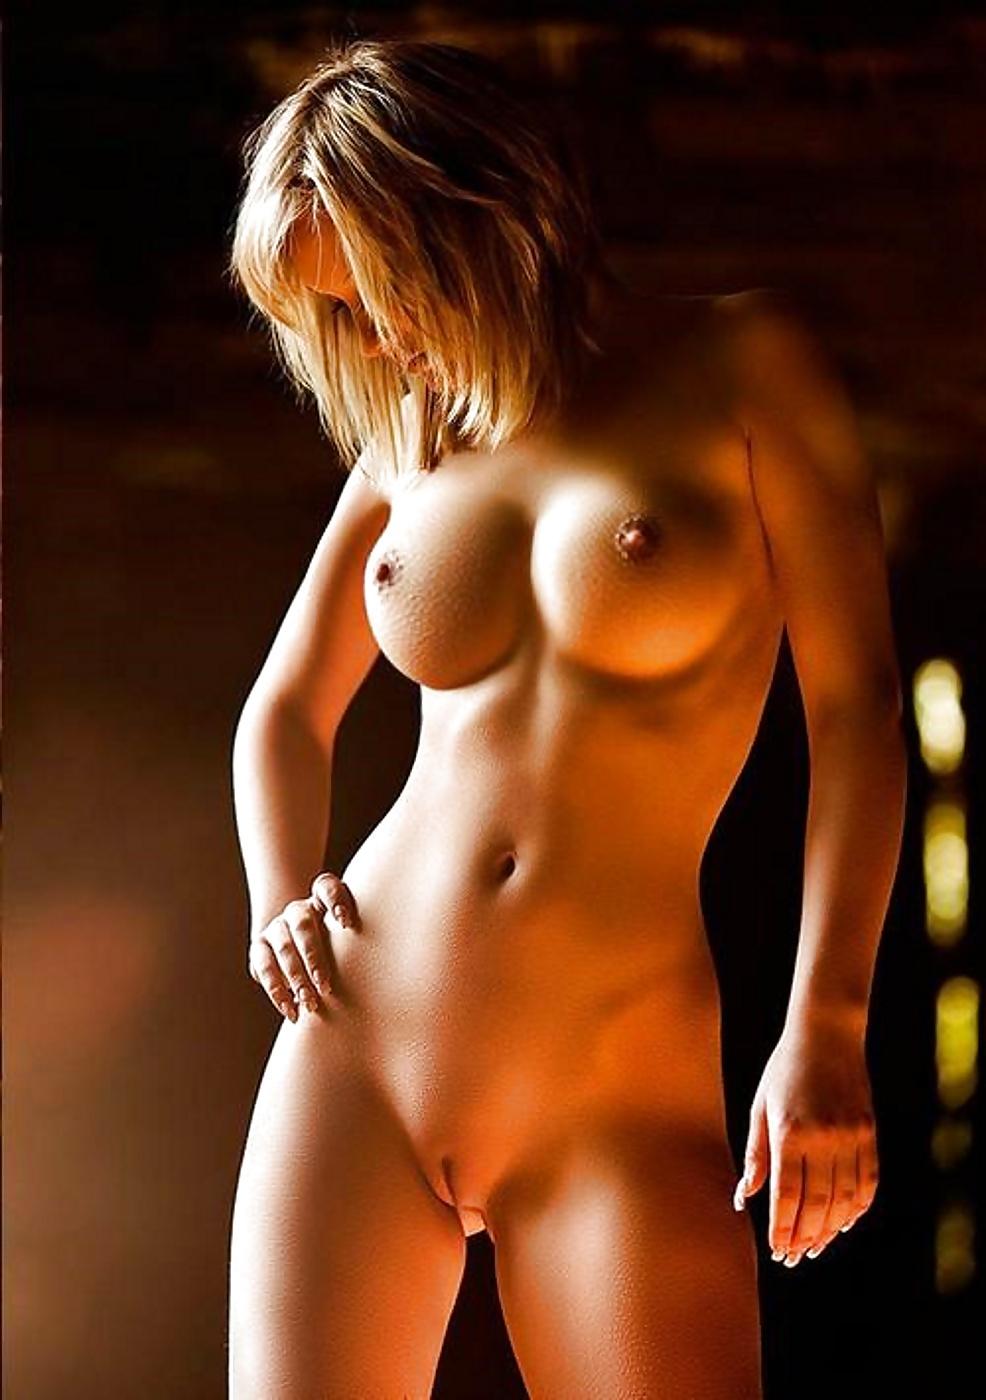 порно девушки с идеальными формами